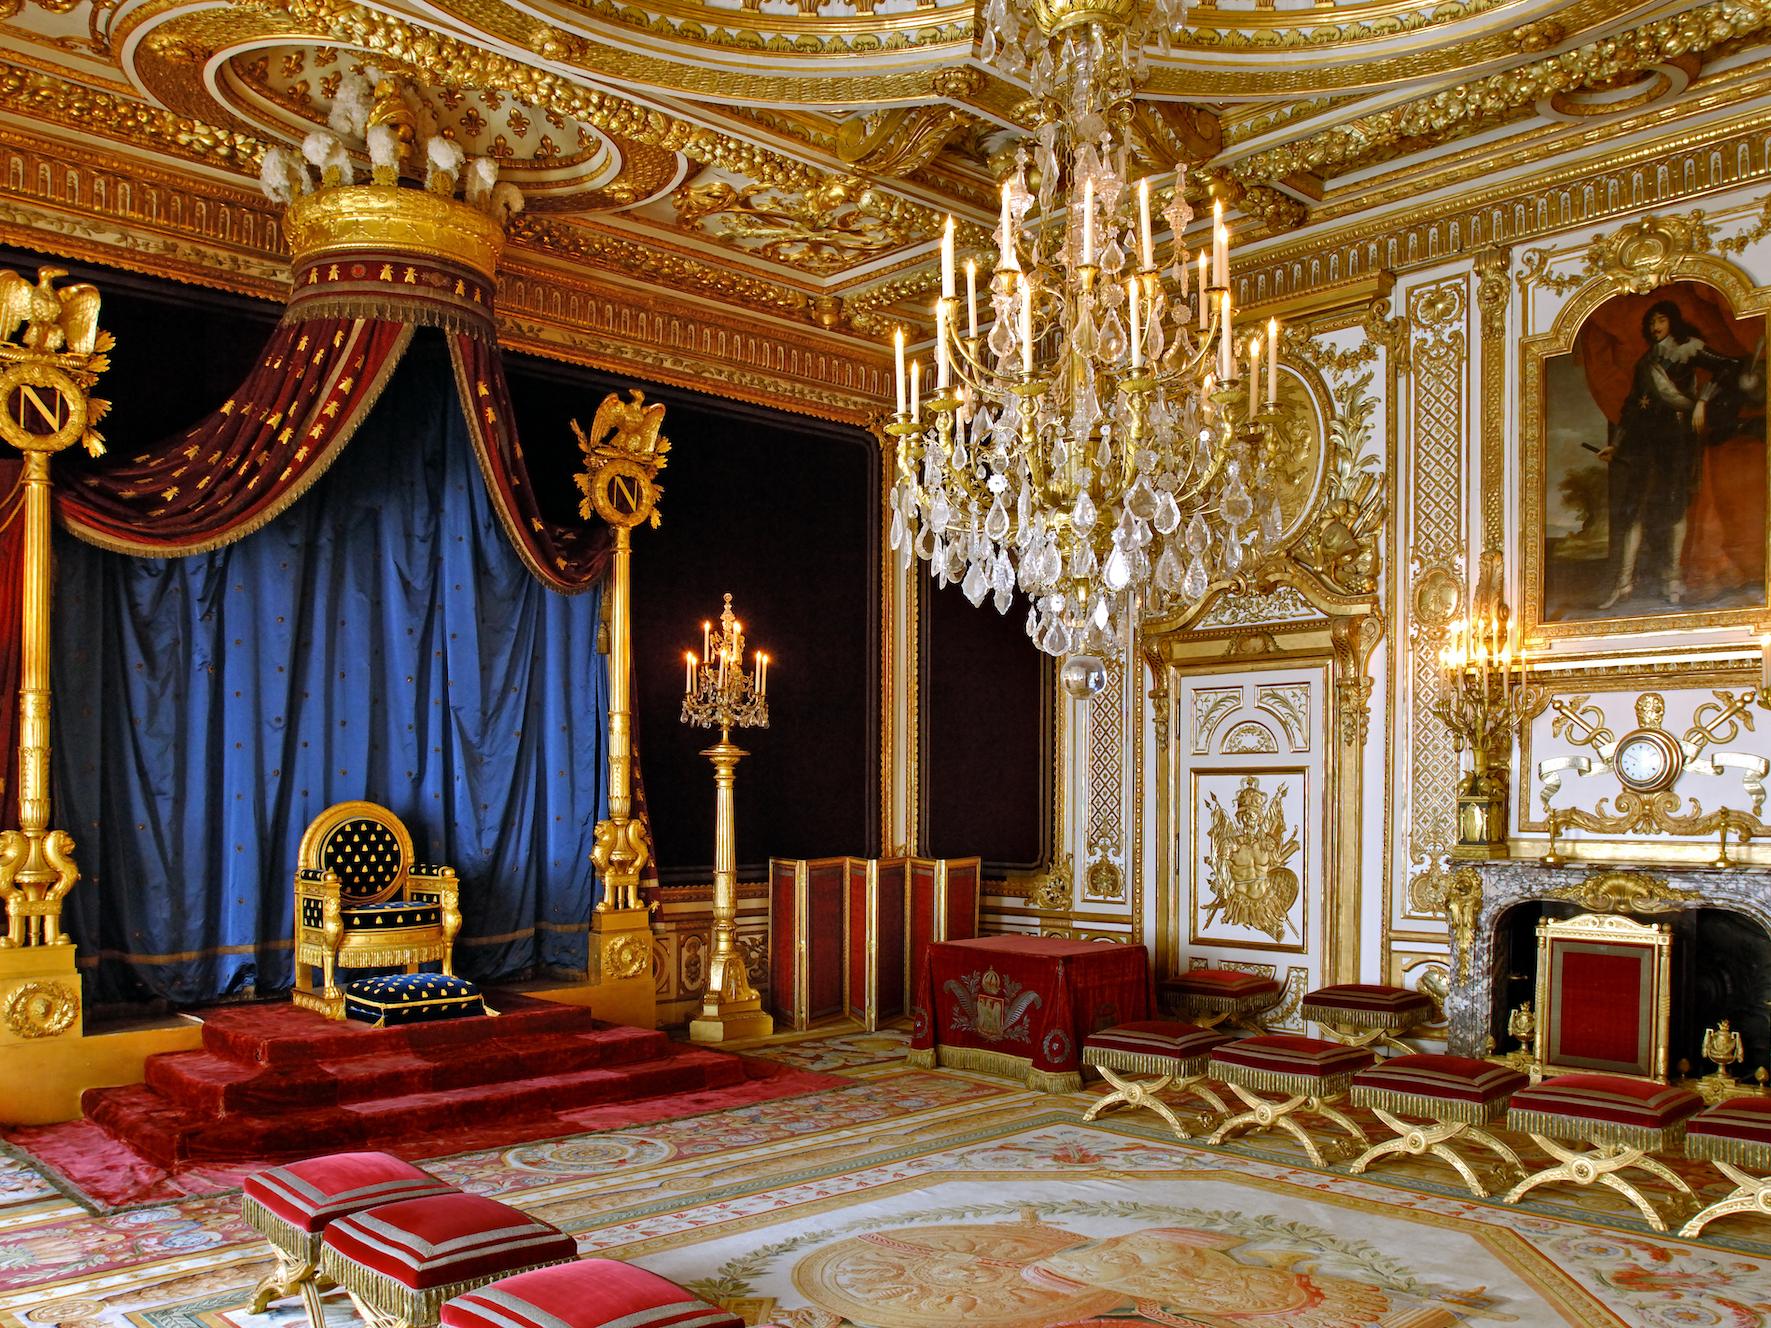 ナポレオンの子孫が披露宴をした、フランス最大の王宮を覗いてみよう ...